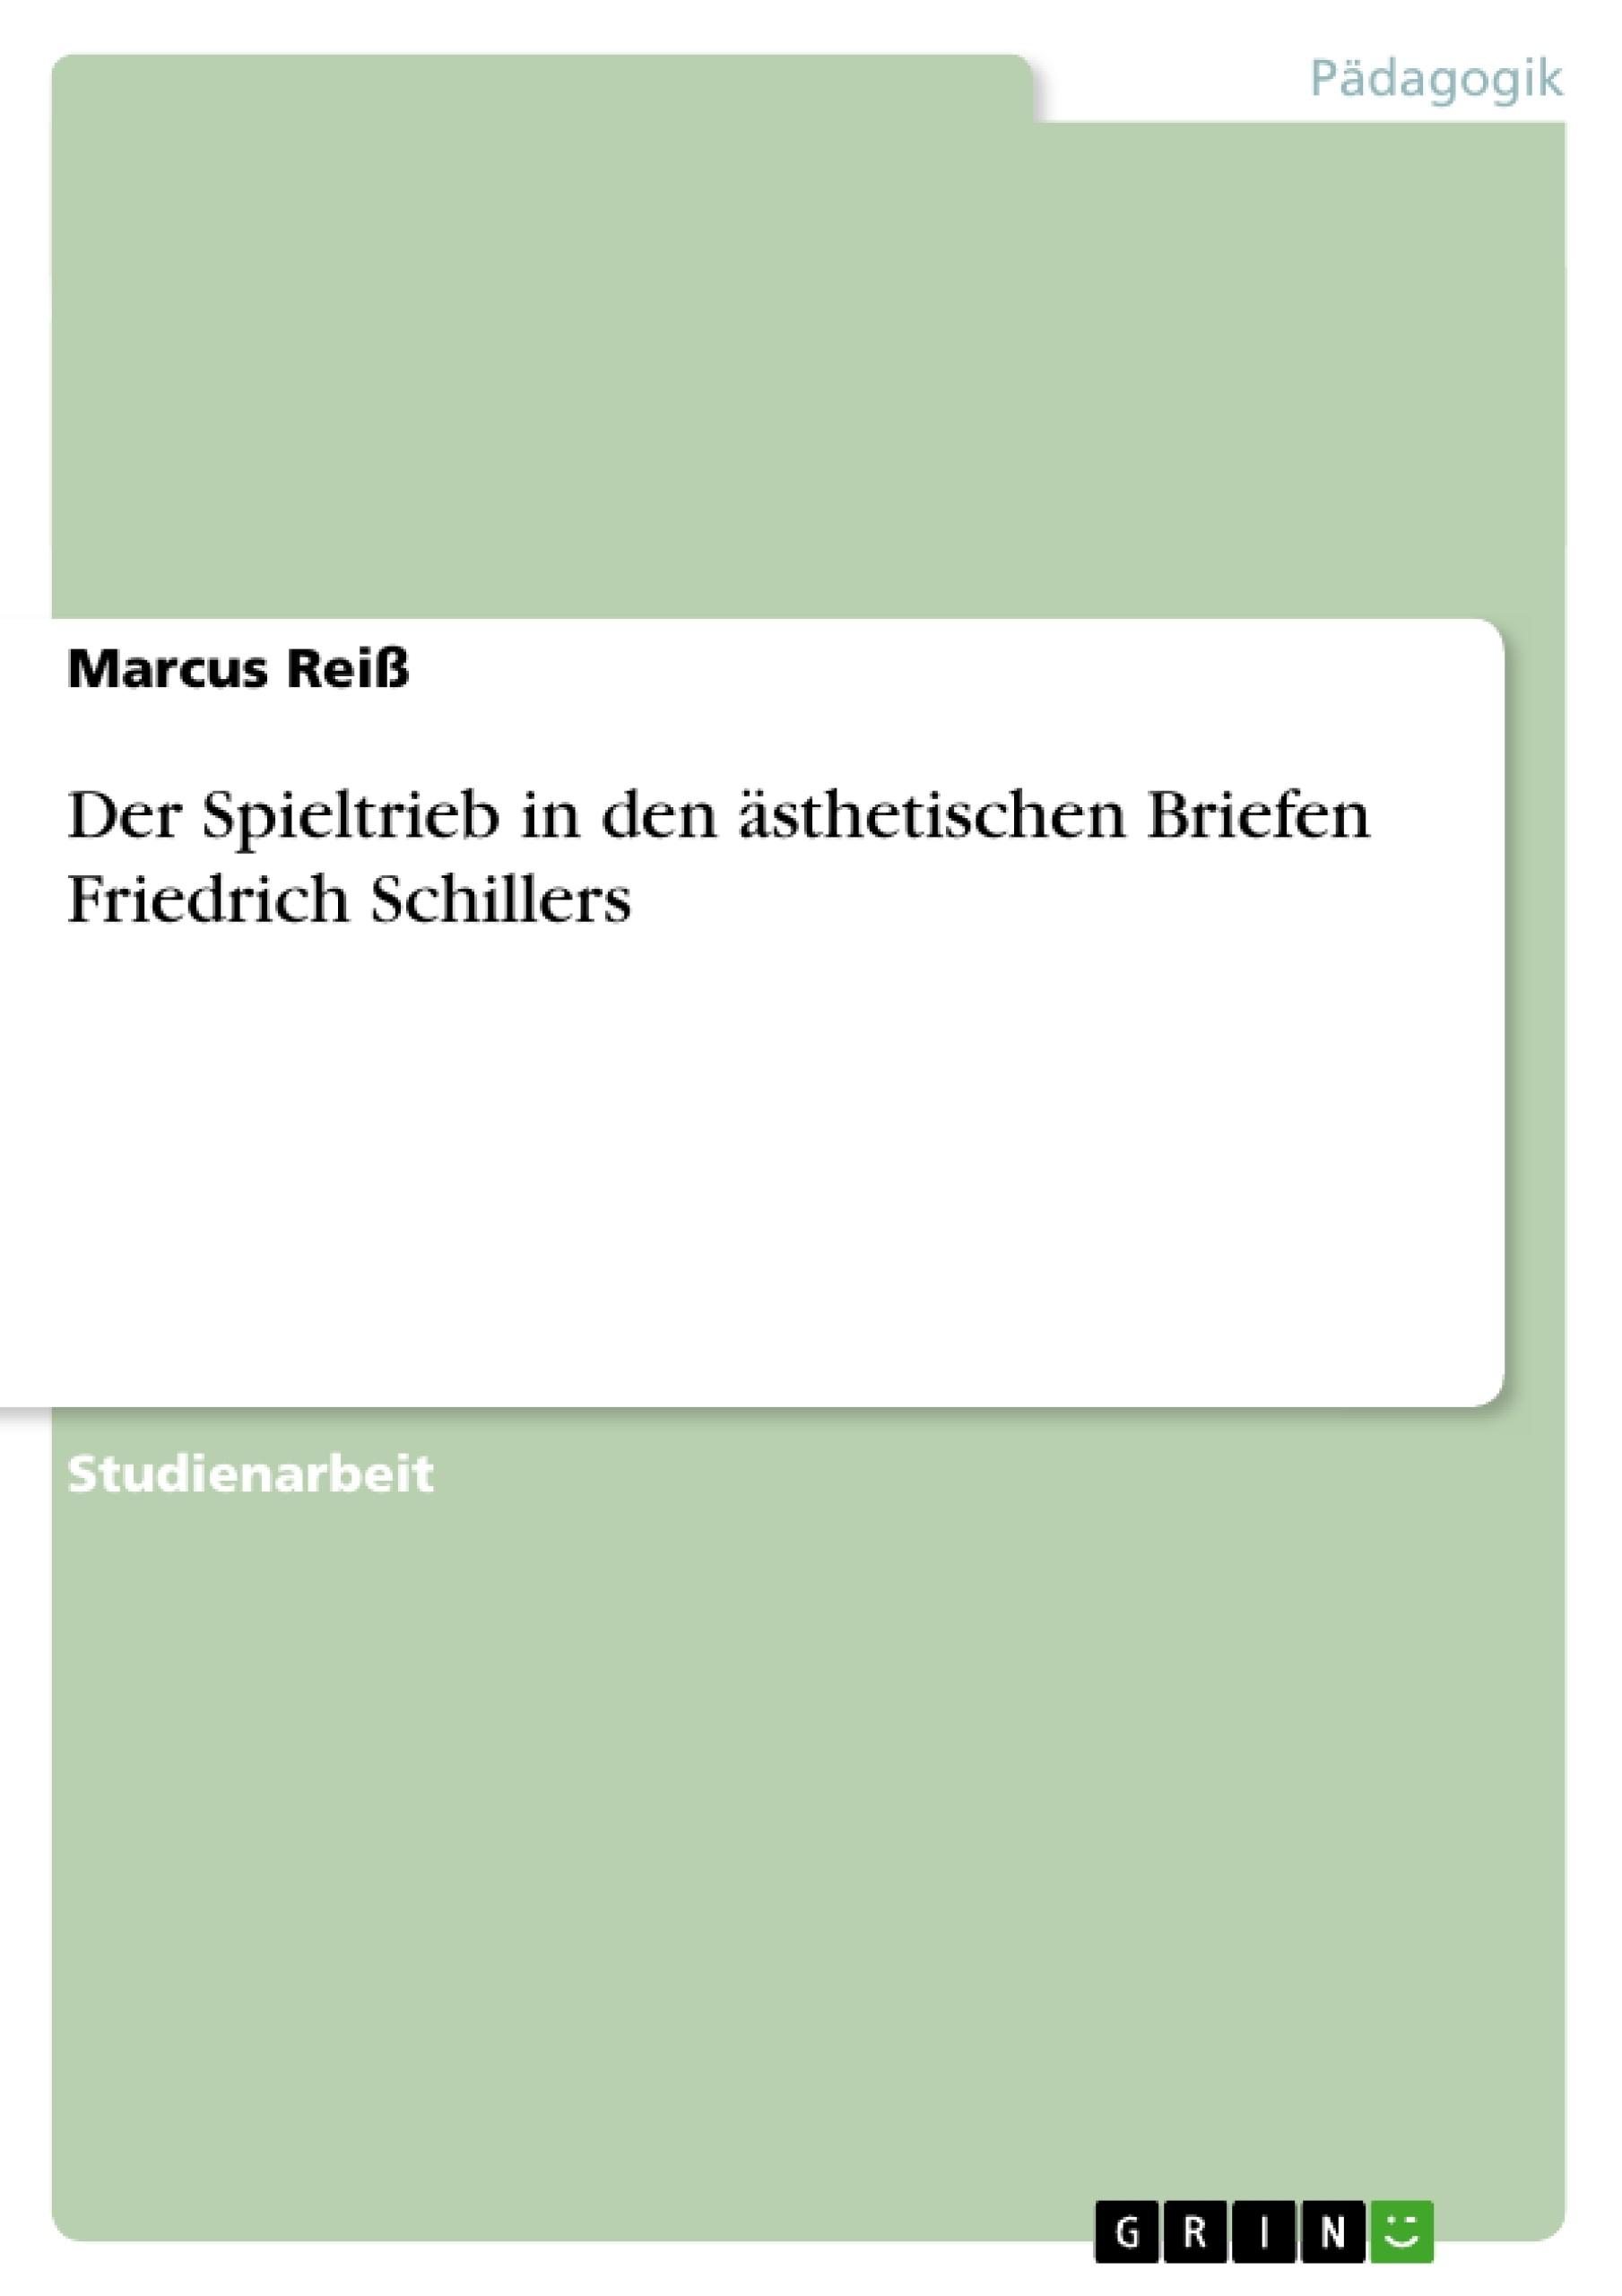 Titel: Der Spieltrieb in den ästhetischen Briefen Friedrich Schillers